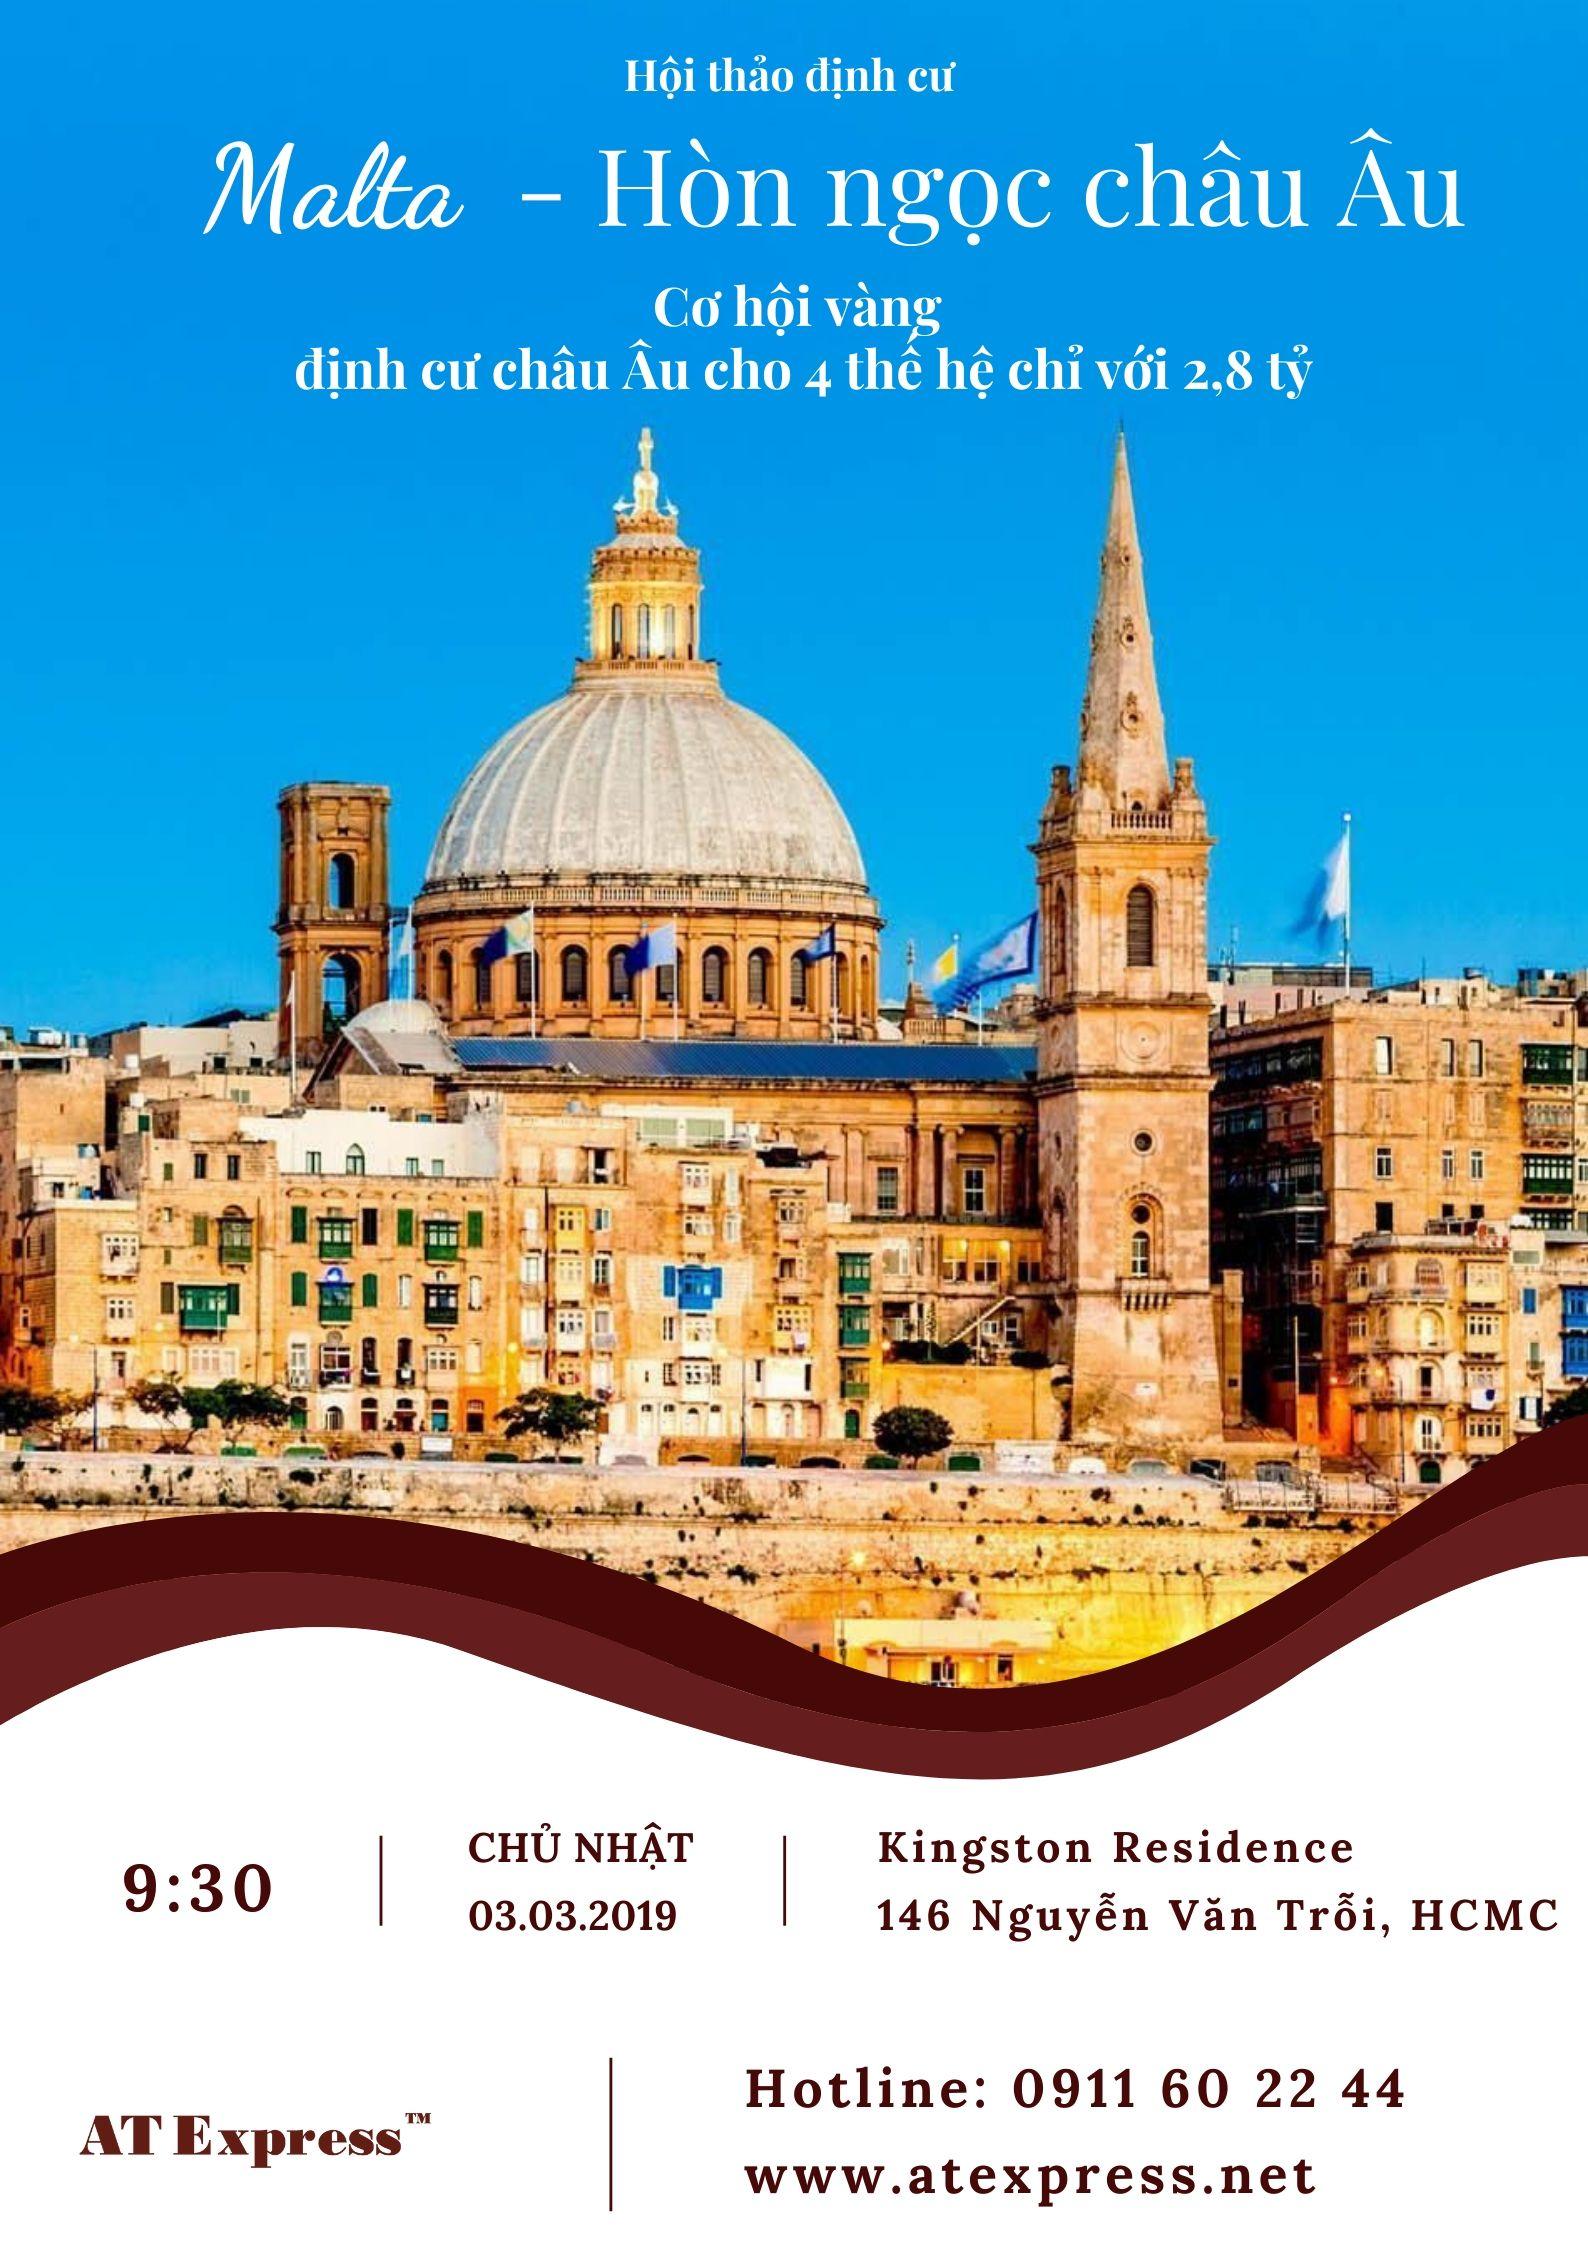 [TP HCM] – Hội thảo định cư Malta – Hòn ngọc Châu Âu 03.03.2019